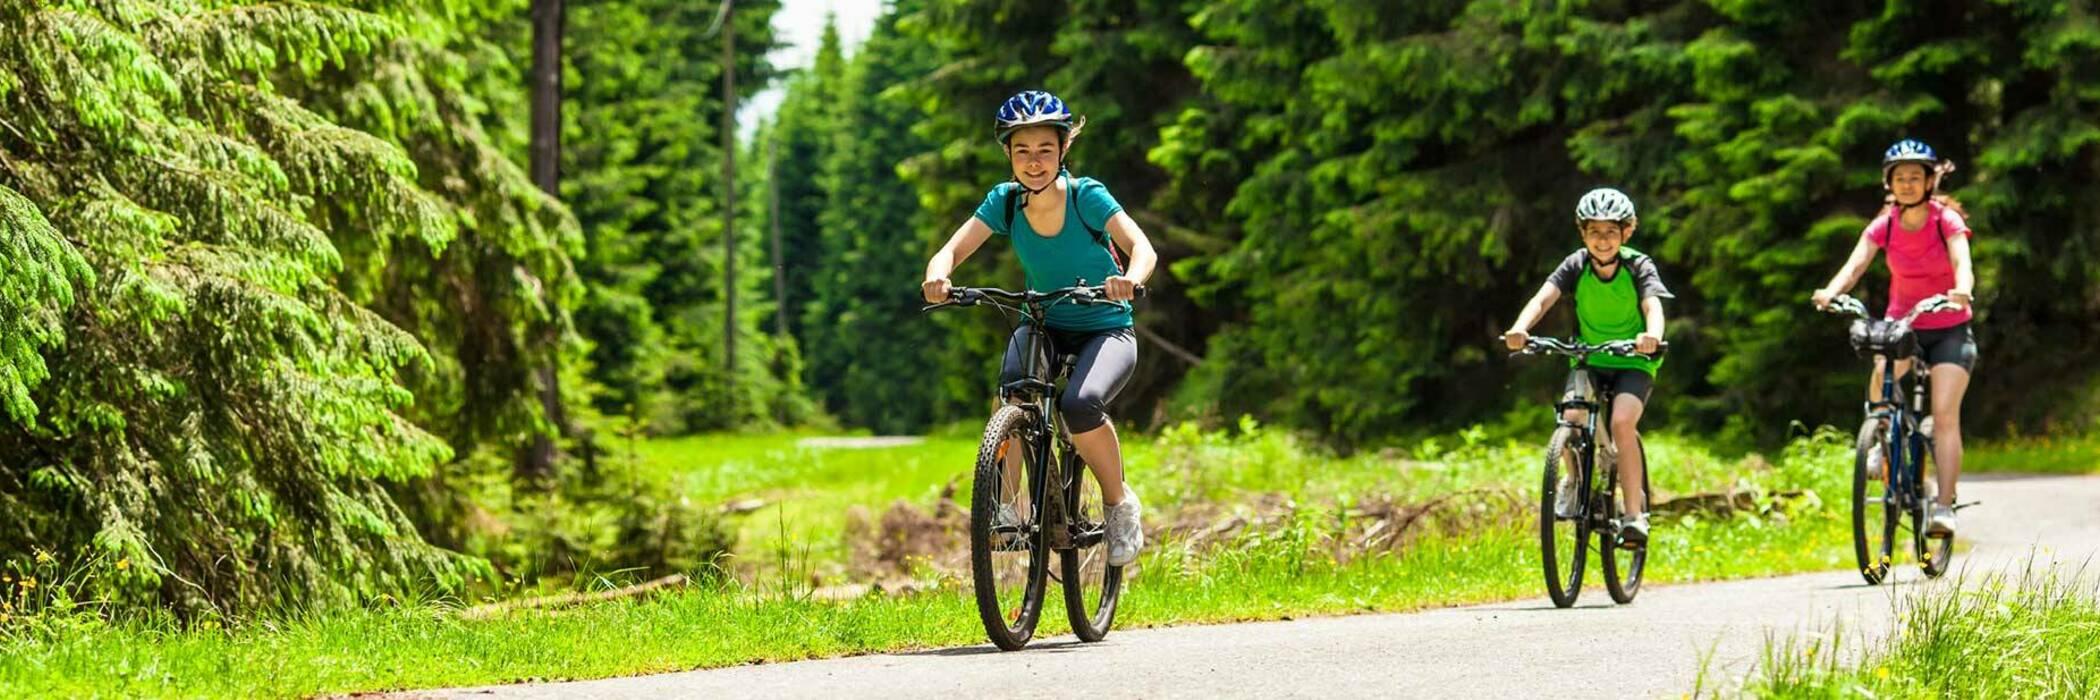 14feb children s bike helments hero